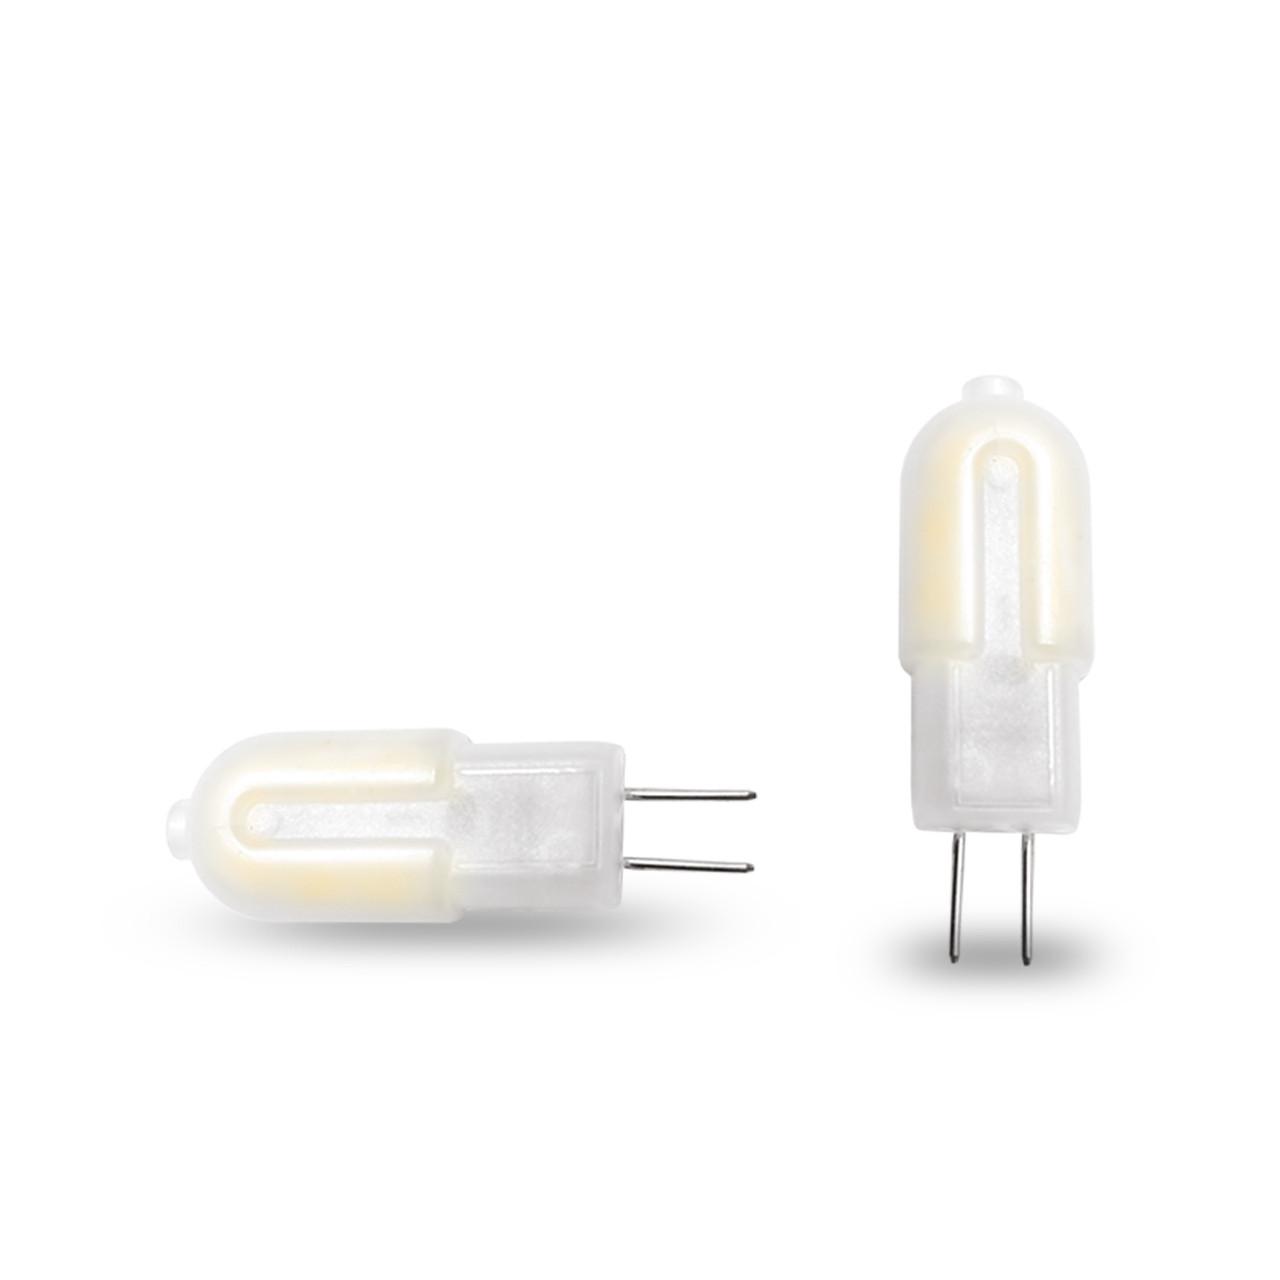 EUROLAMP led G4 2W силикон